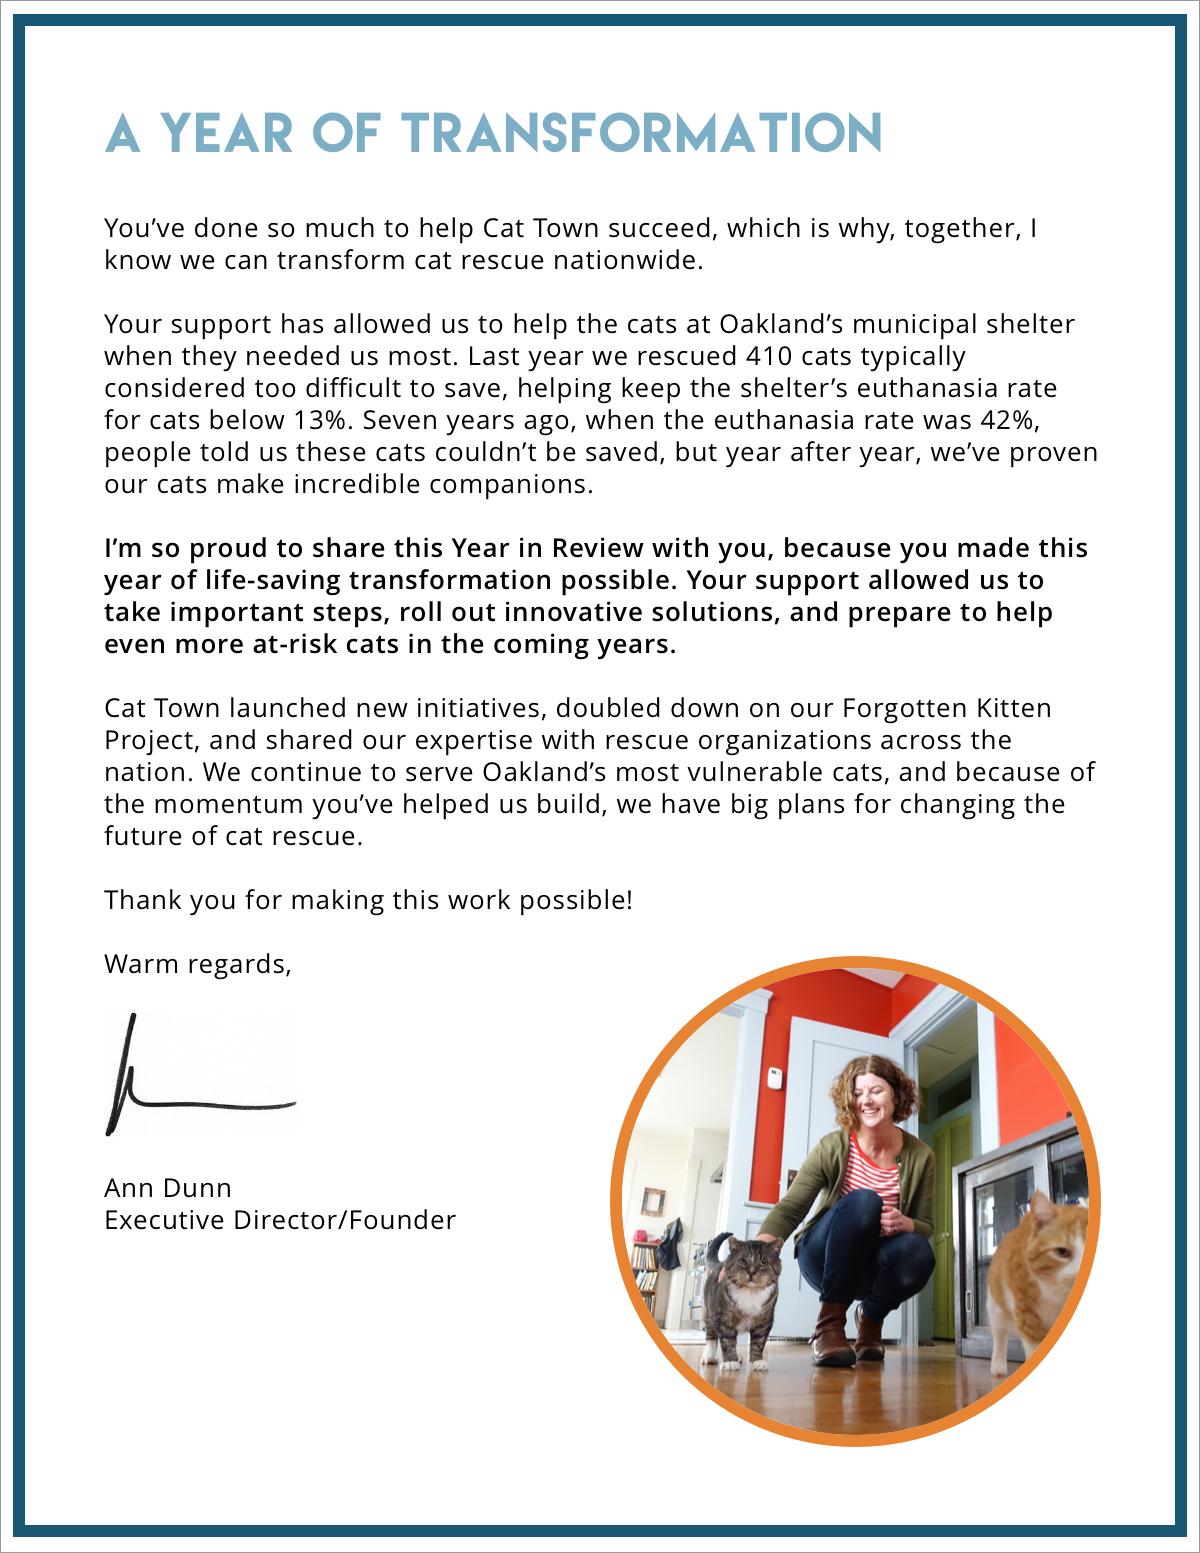 2017 Cat Town YiR Ann Letter.png